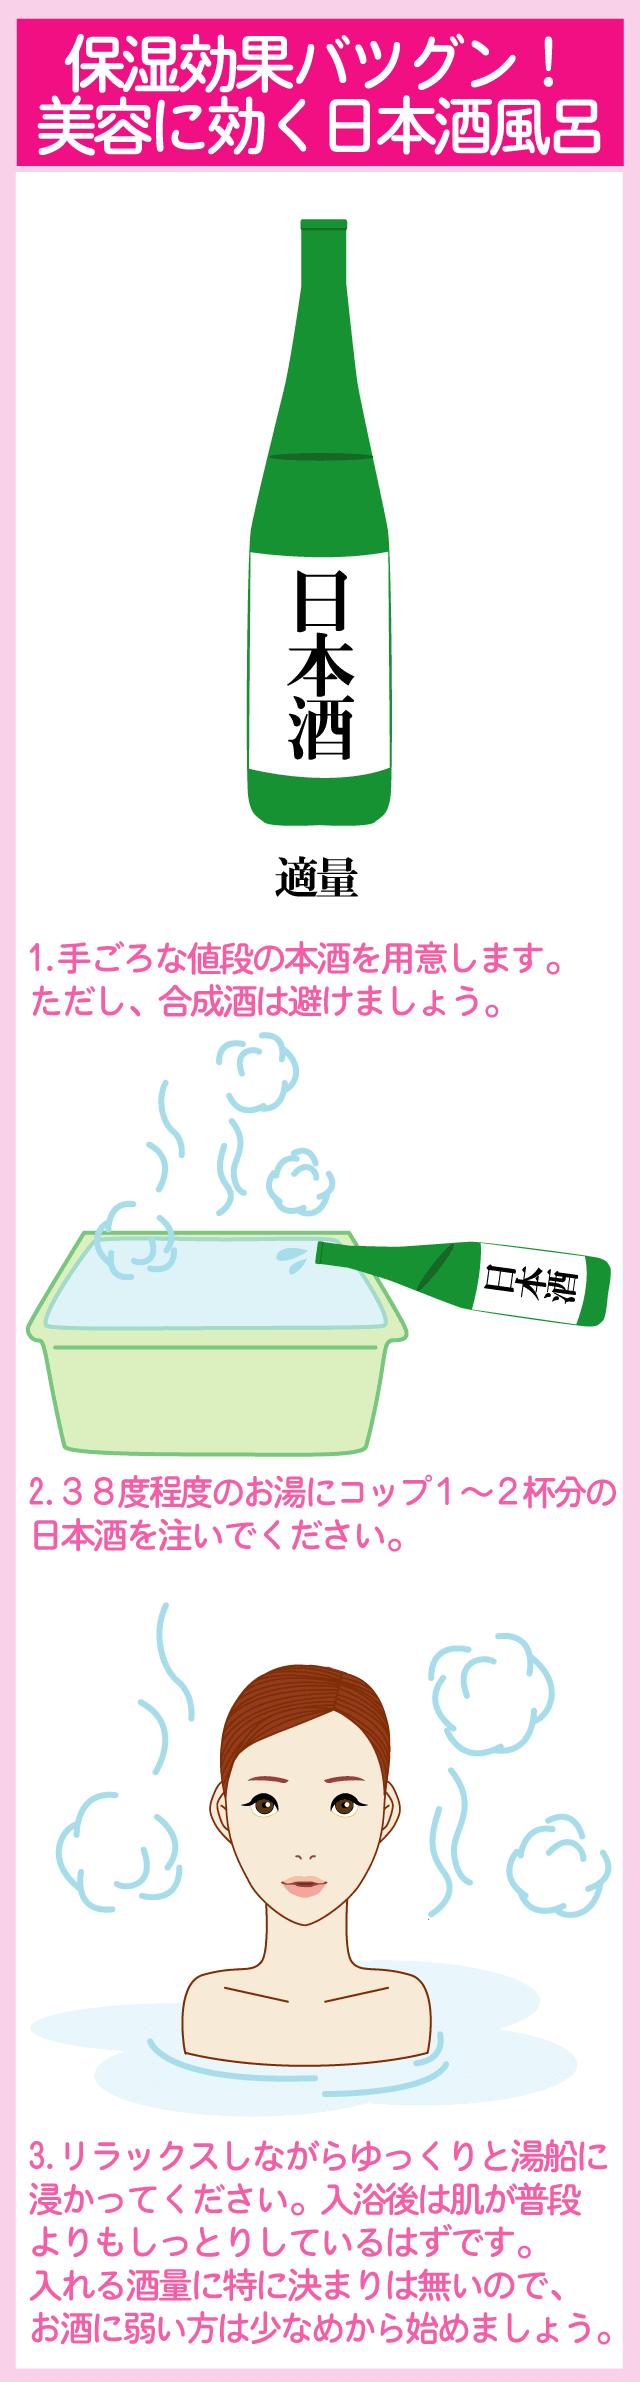 日本酒風呂の作り方